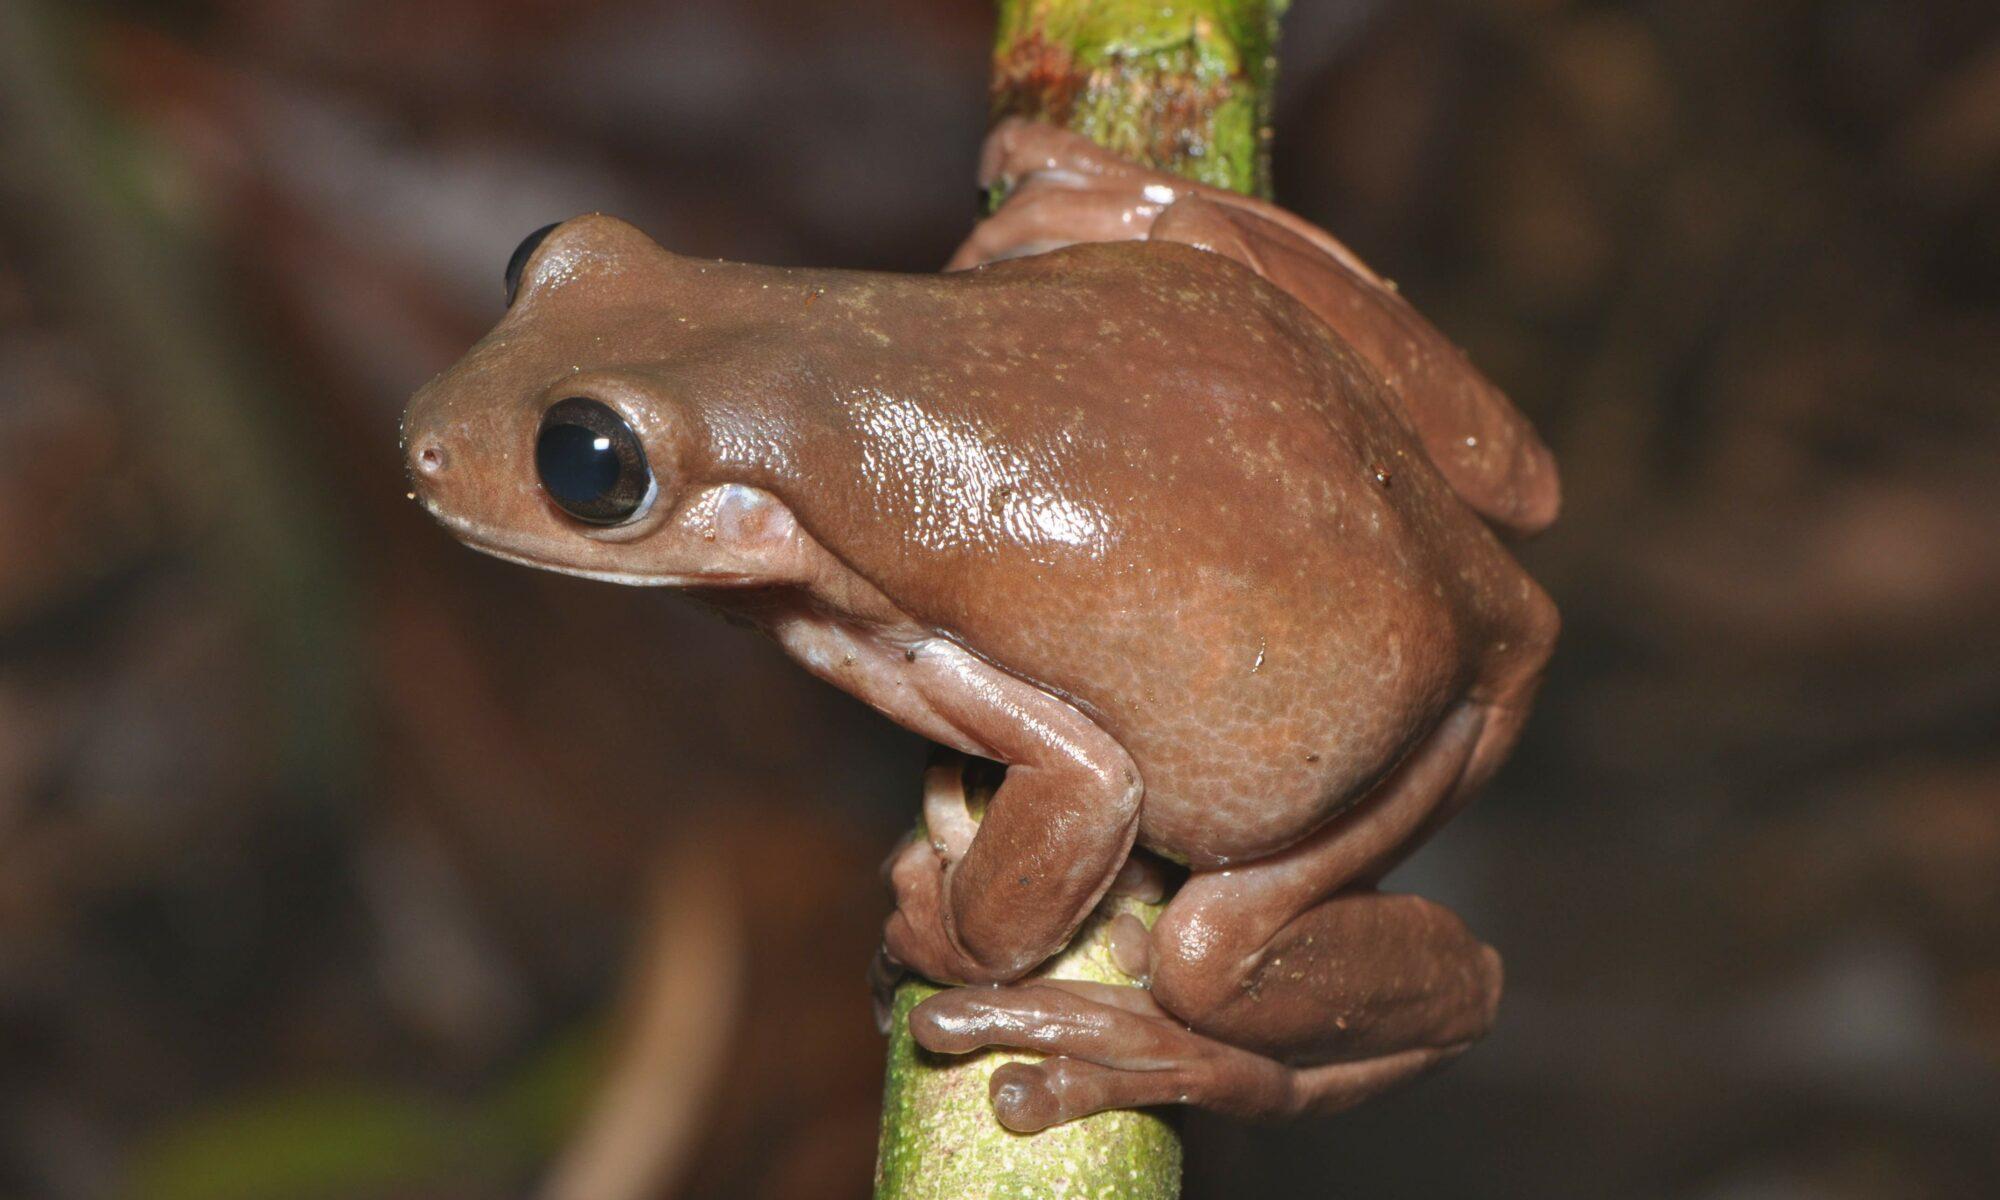 Biólogos descubren nueva especie de rana que parece hecha de chocolate